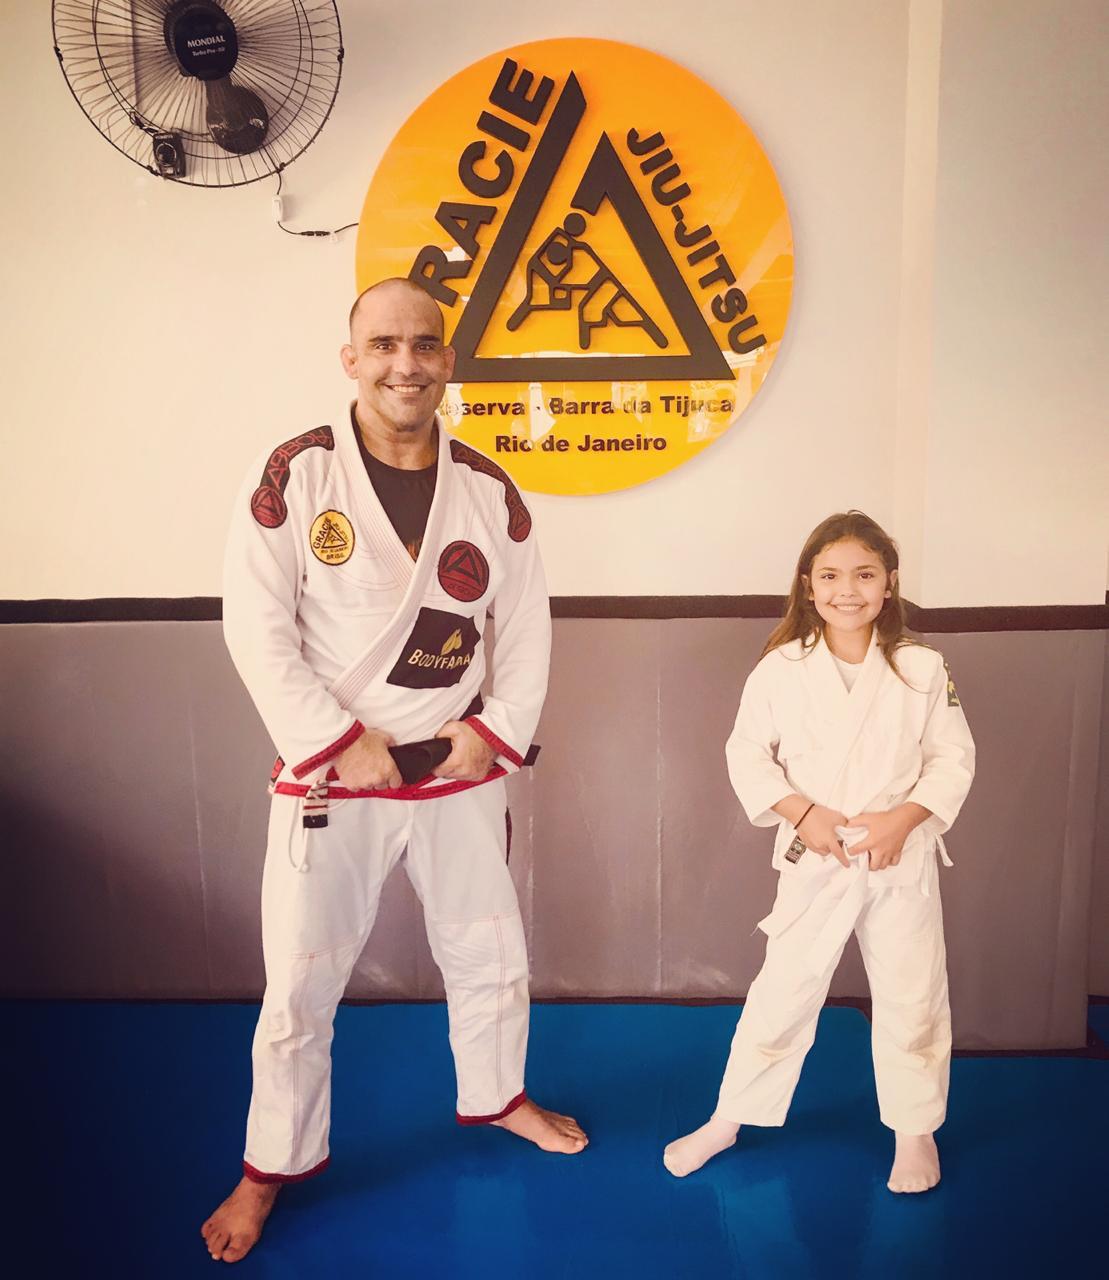 Vida de atleta: a trajetória dos Irmãos Goraib e a vida dedicada ao Jiu-Jitsu